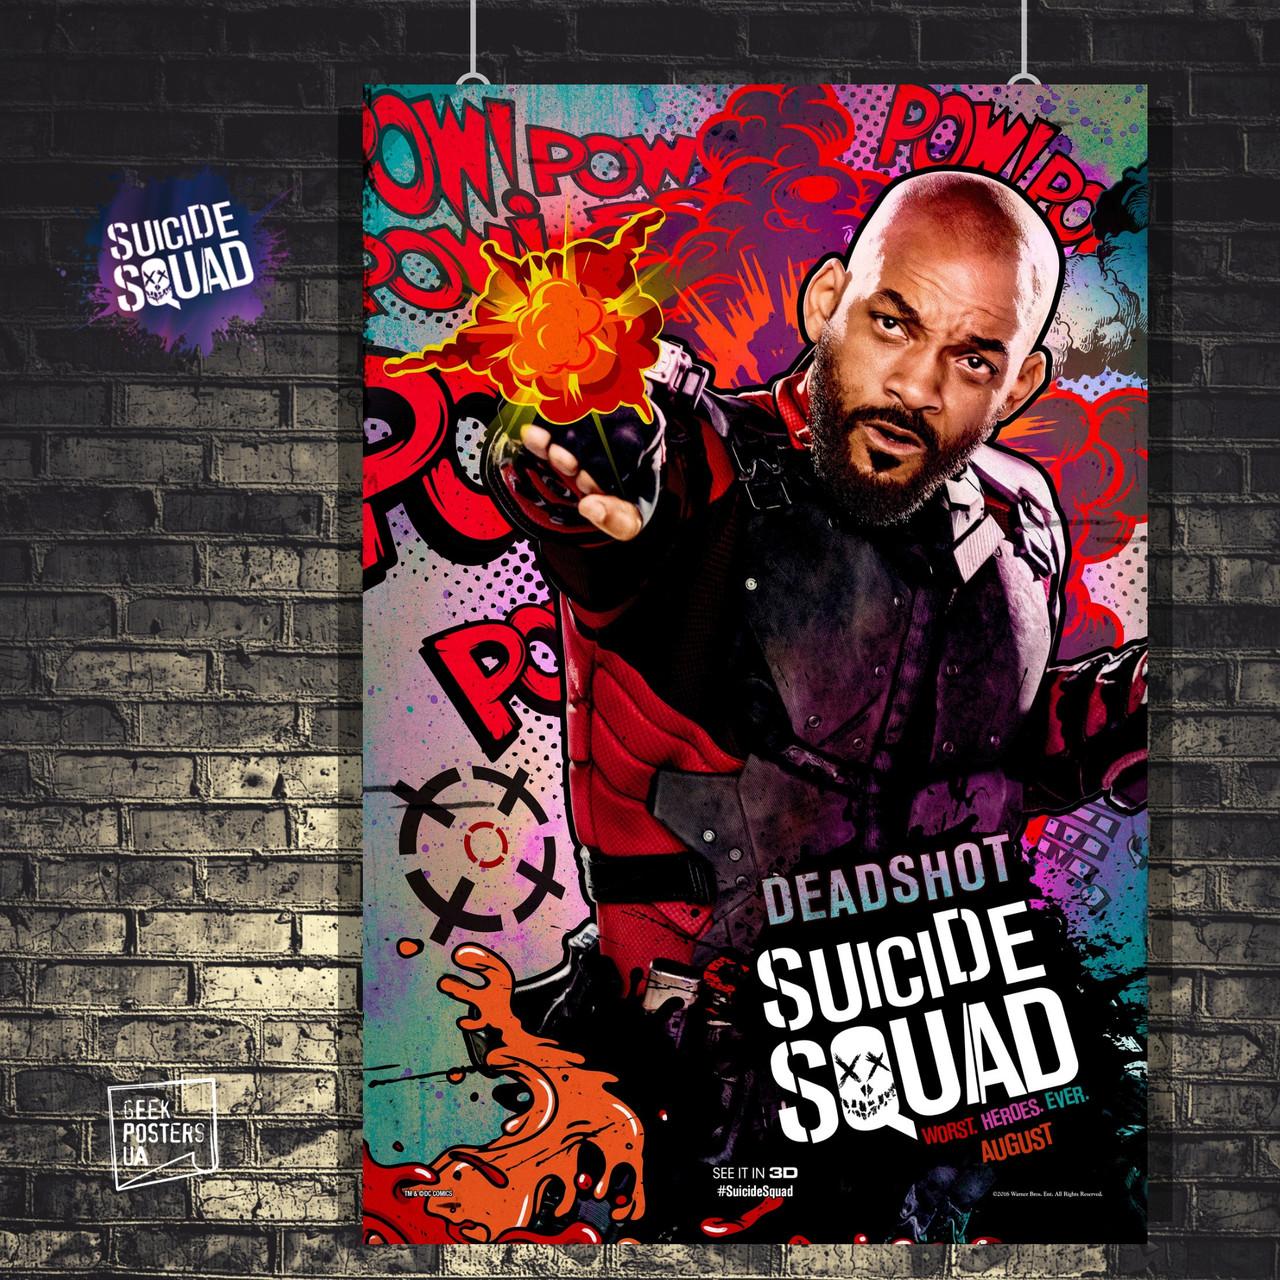 Постер Дэдшот, Deadshot, Уилл Смит, Отряд Самоубийц, Suicide Squad. Размер 60x40см (A2). Глянцевая бумага